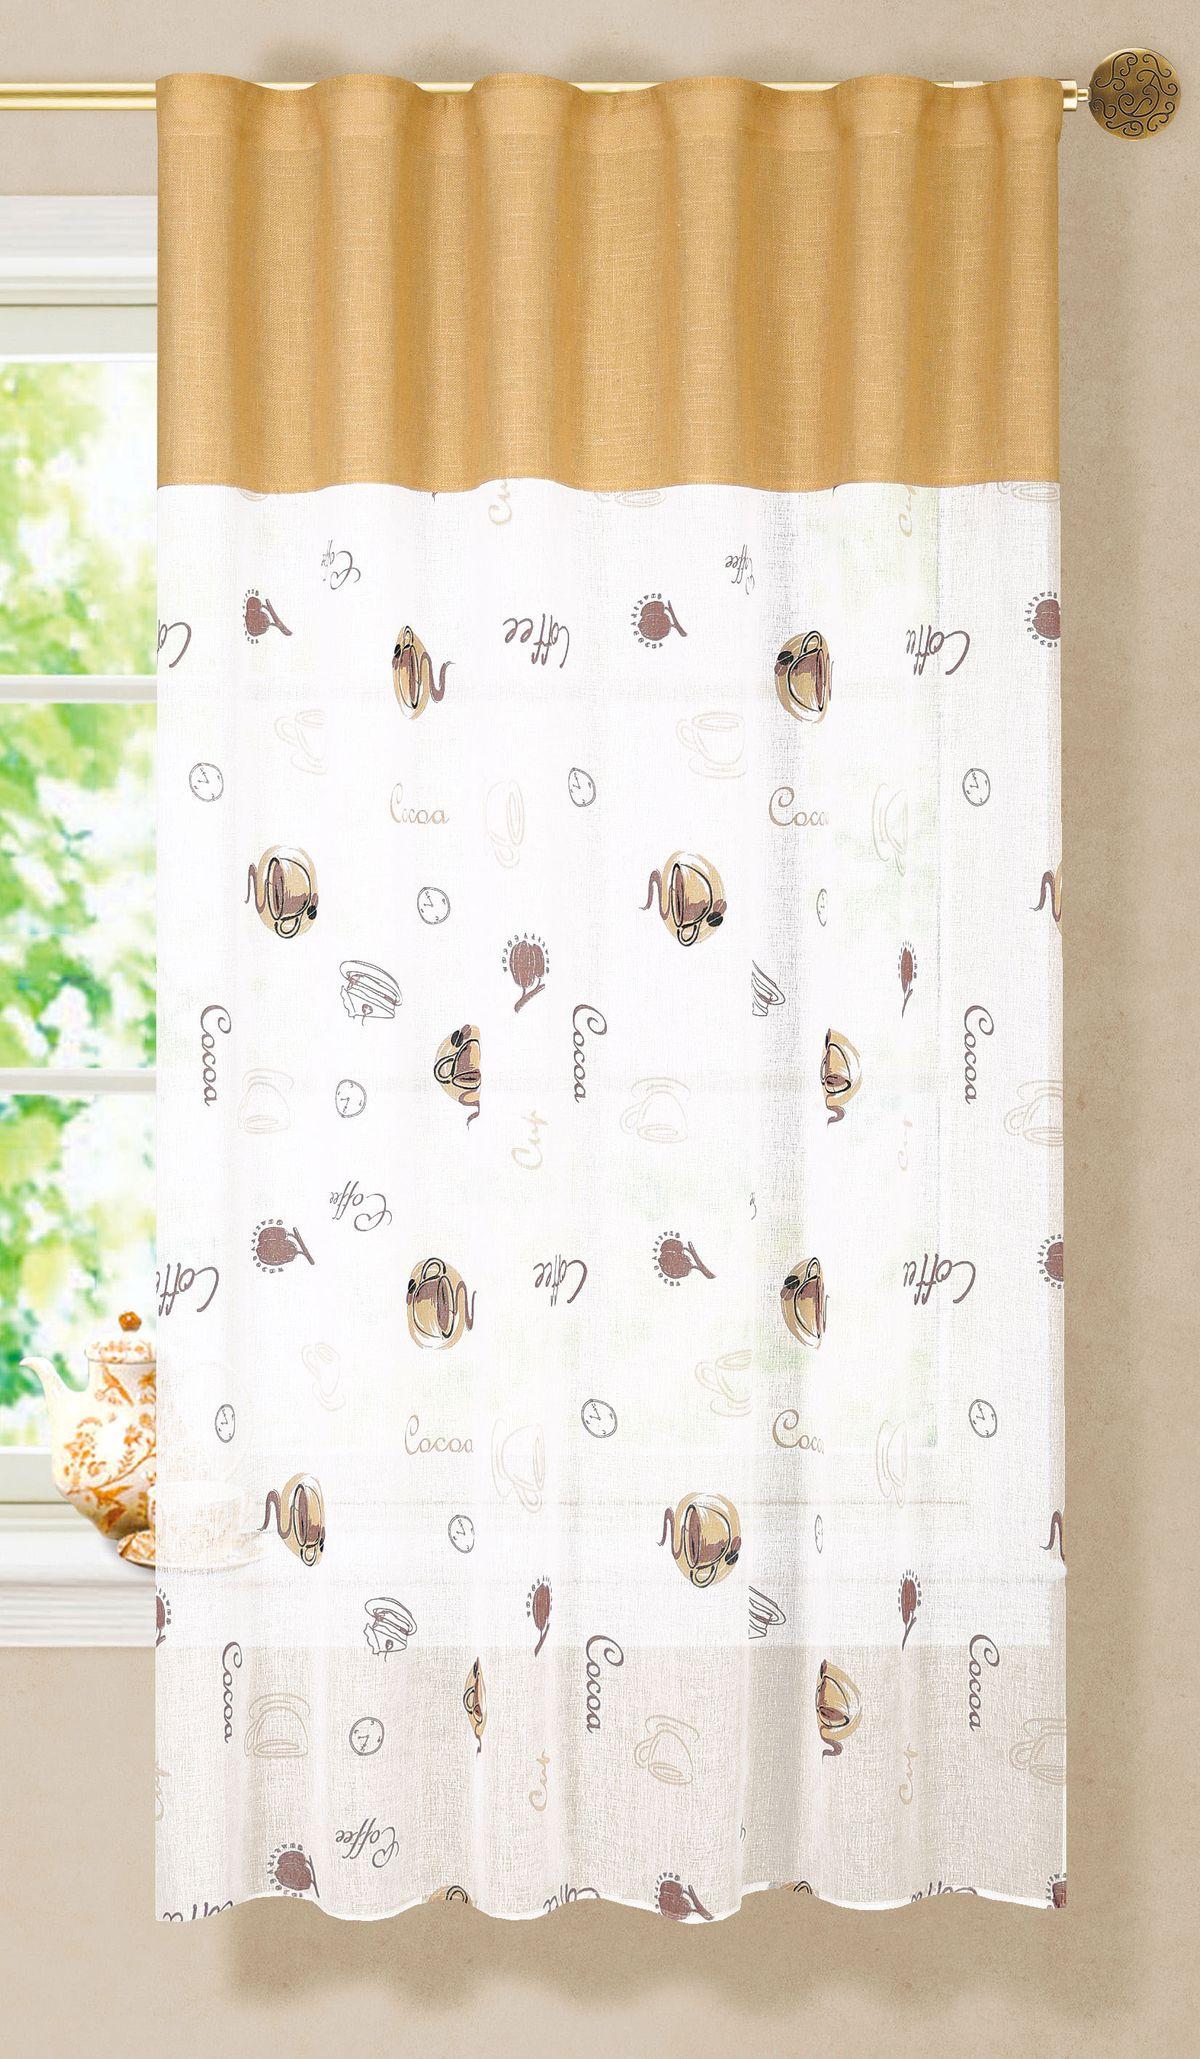 Штора готовая Garden, на ленте, цвет: белый, высота 180 см. С 6333 - W1887 - W1222 V6704470Изящная штора Garden для кухни выполнена из ткани с оригинальной структурой - батист. Приятная расцветка привлечет к себе внимание и органично впишется в интерьер помещения. Штора крепится на карниз при помощи ленты, которая поможет красиво и равномерно задрапировать верх.